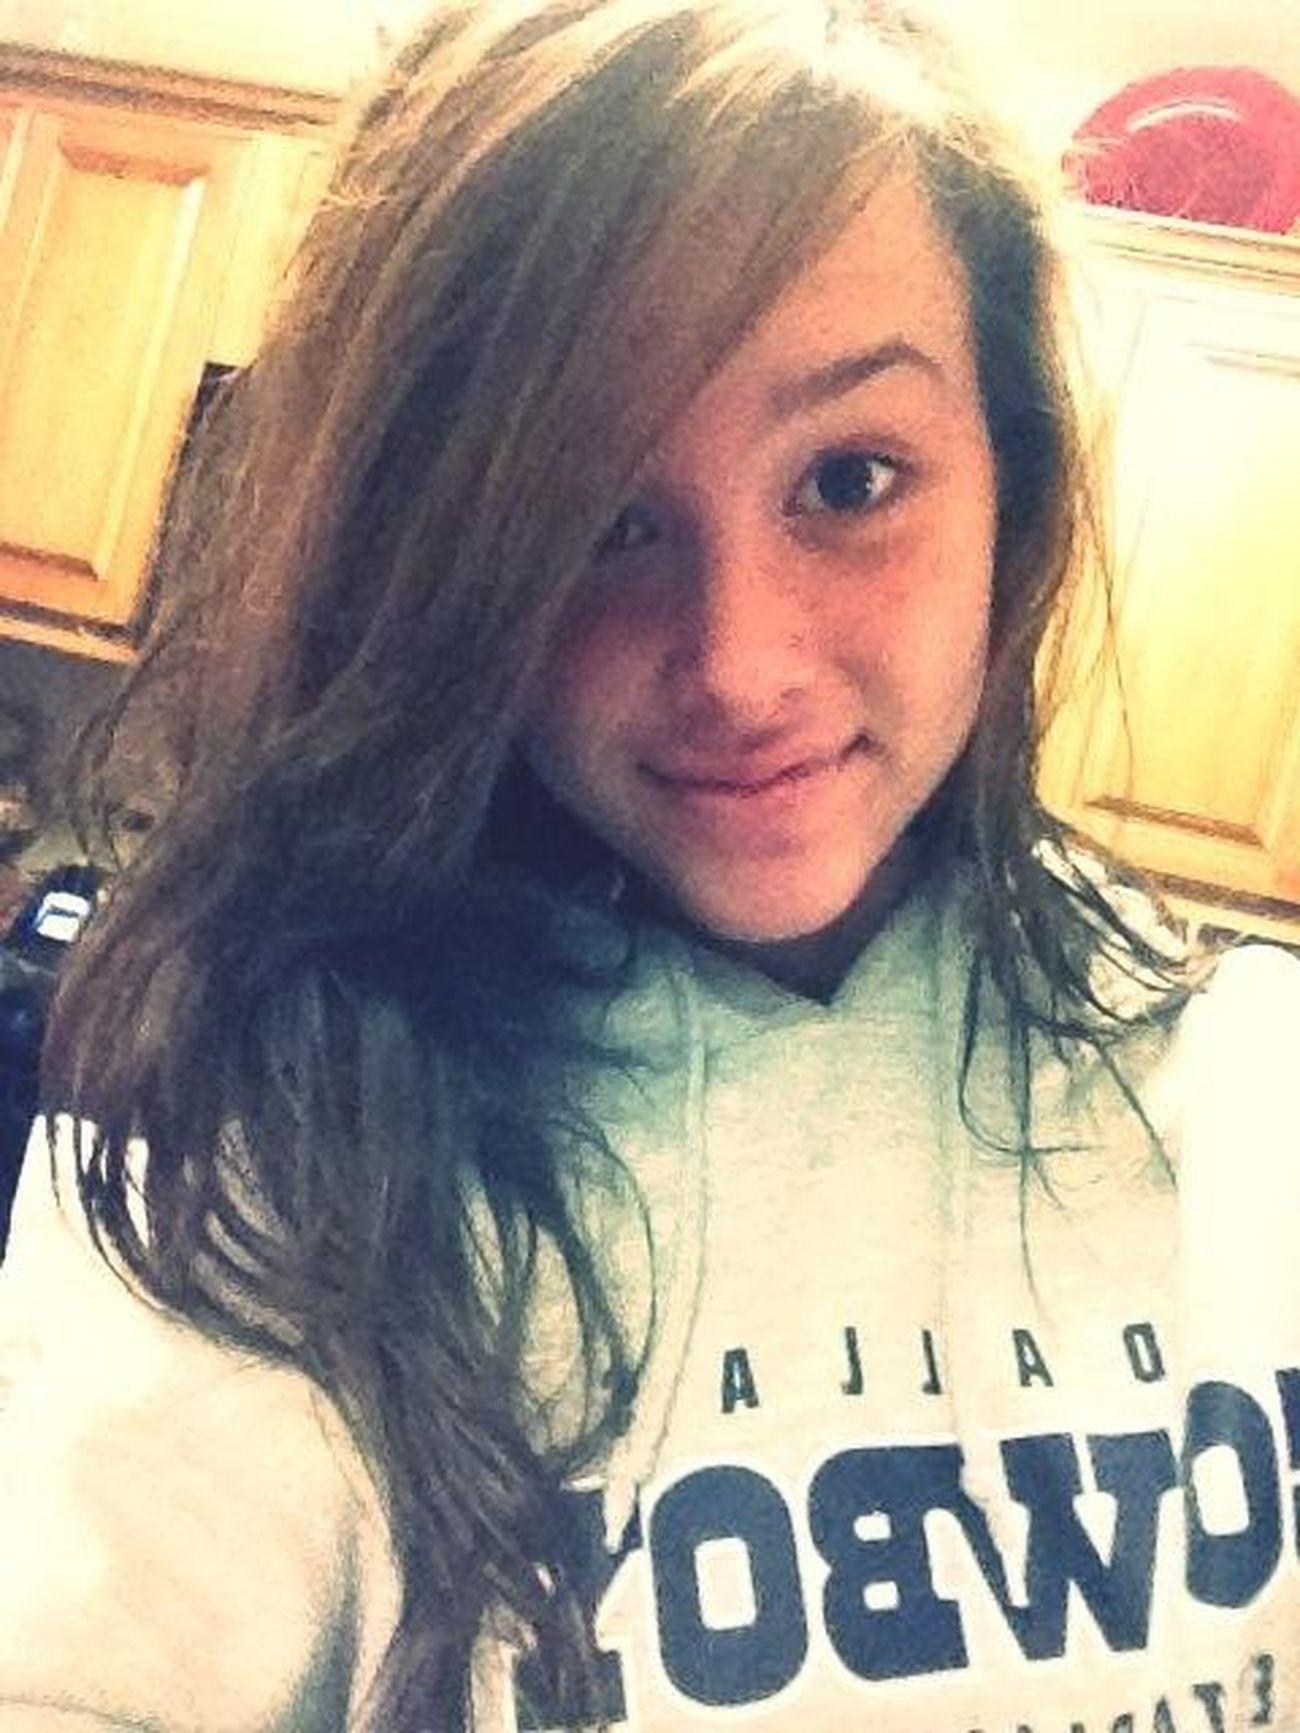 No makeup swagg!✌ #Sick